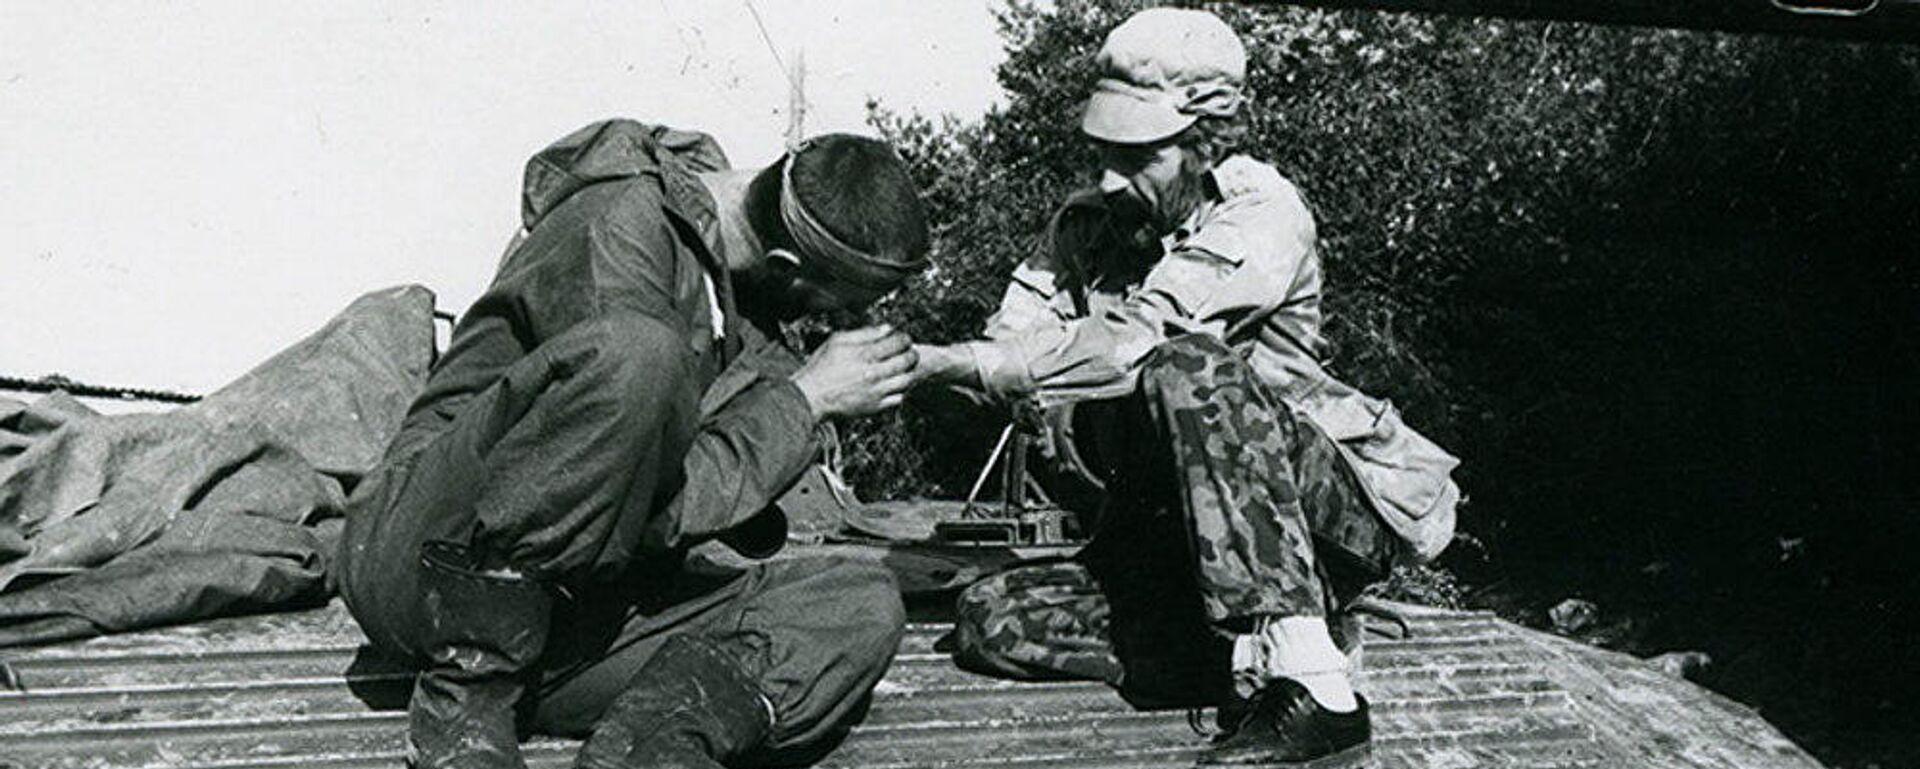 1992. gada 14. augustā sākās Abhāzijas tautas Tēvijas karš. - Sputnik Latvija, 1920, 22.08.2021